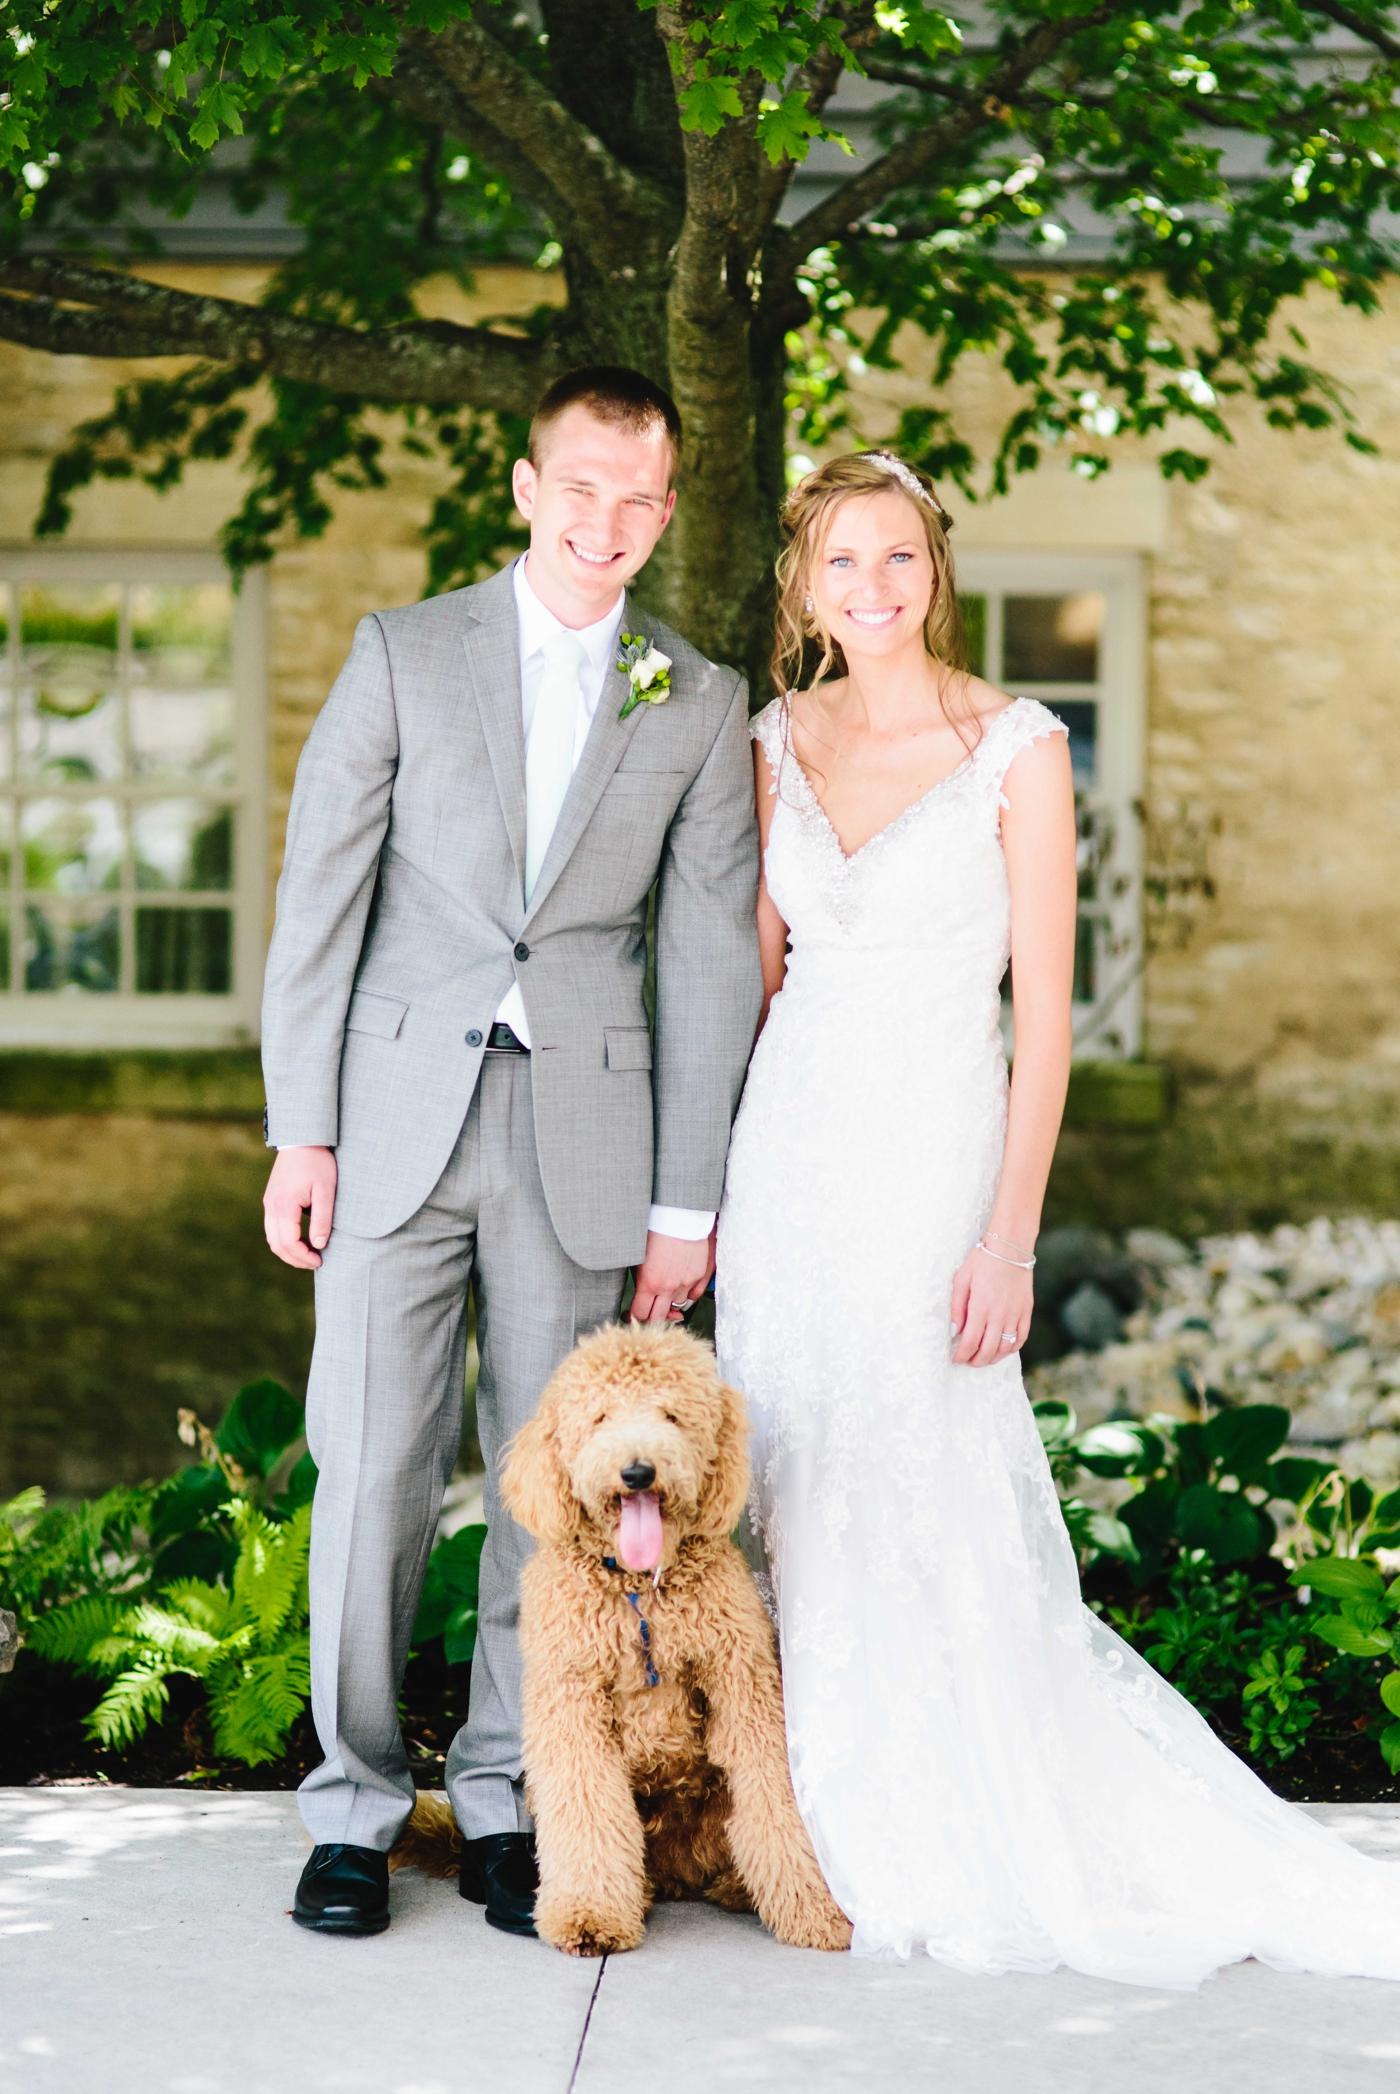 chicago-fine-art-wedding-photography-stewart15